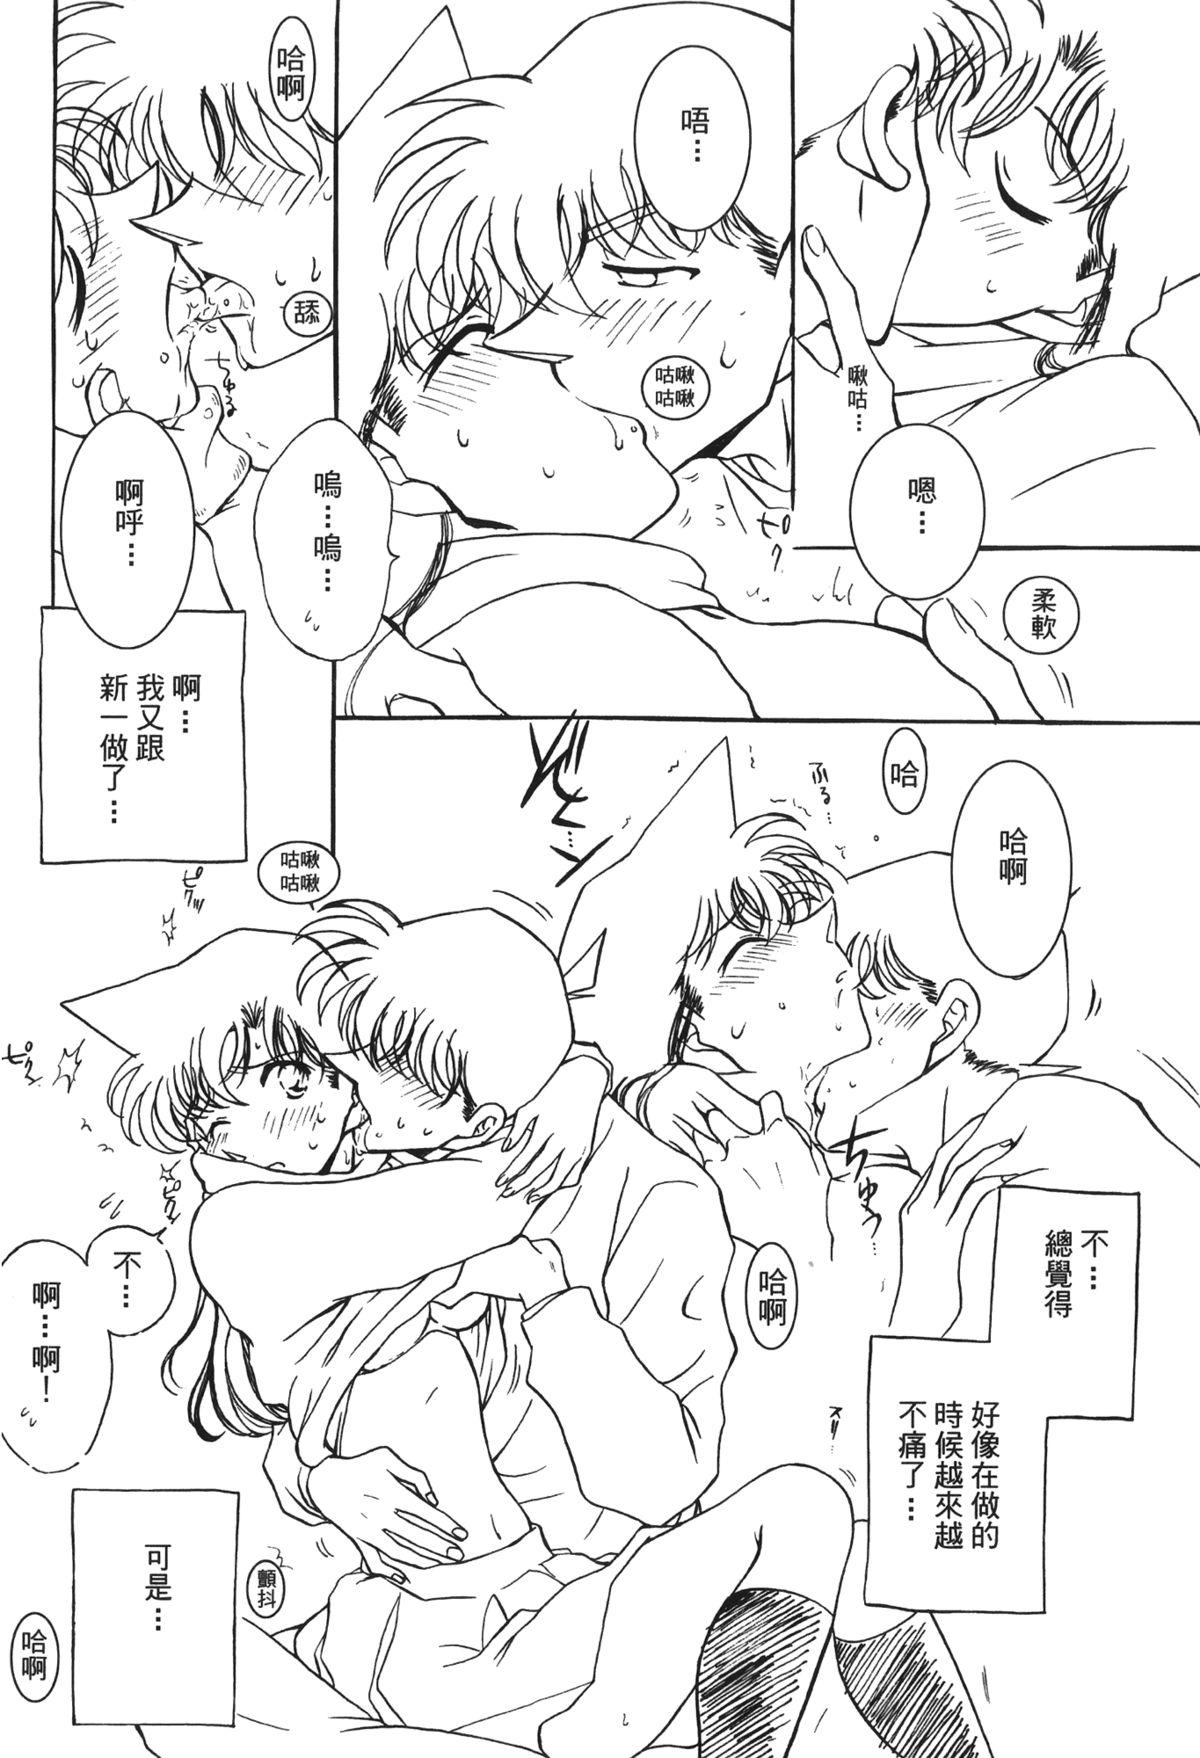 Detective Assistant Vol. 13 96